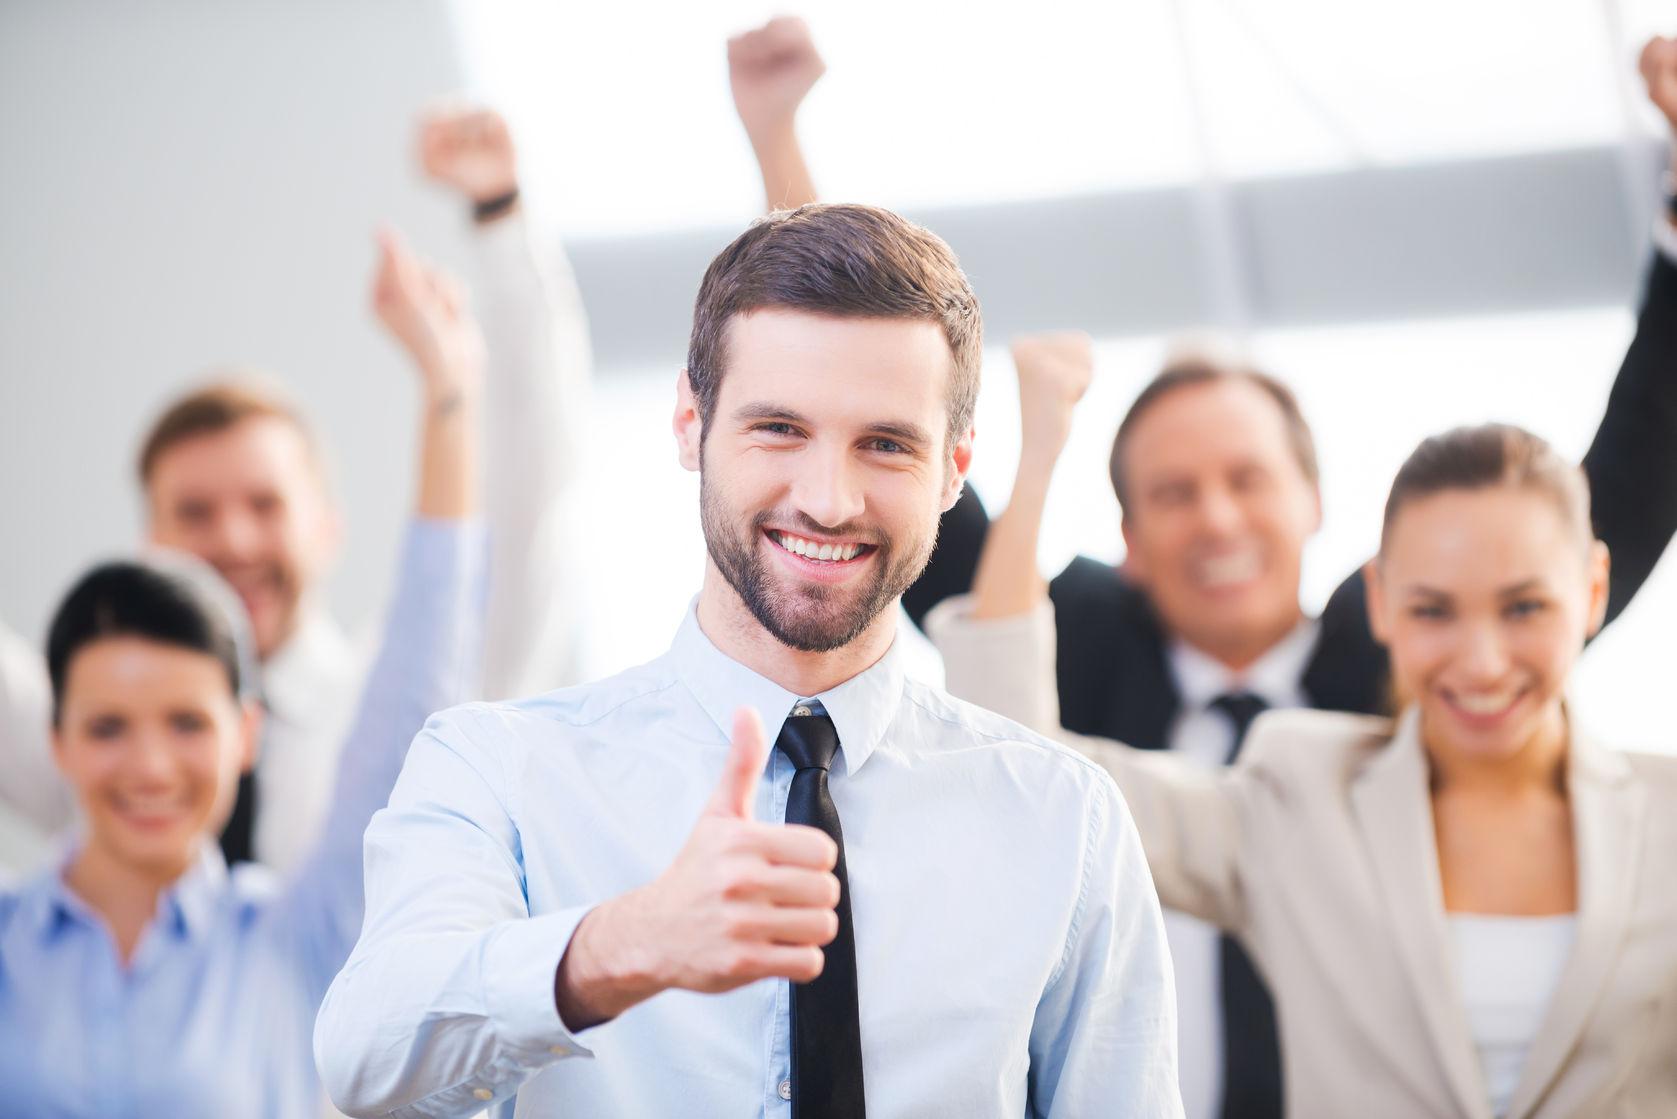 Идите в бизнес: 4 знака Зодиака, от природы награжденные предпринимательским талантом